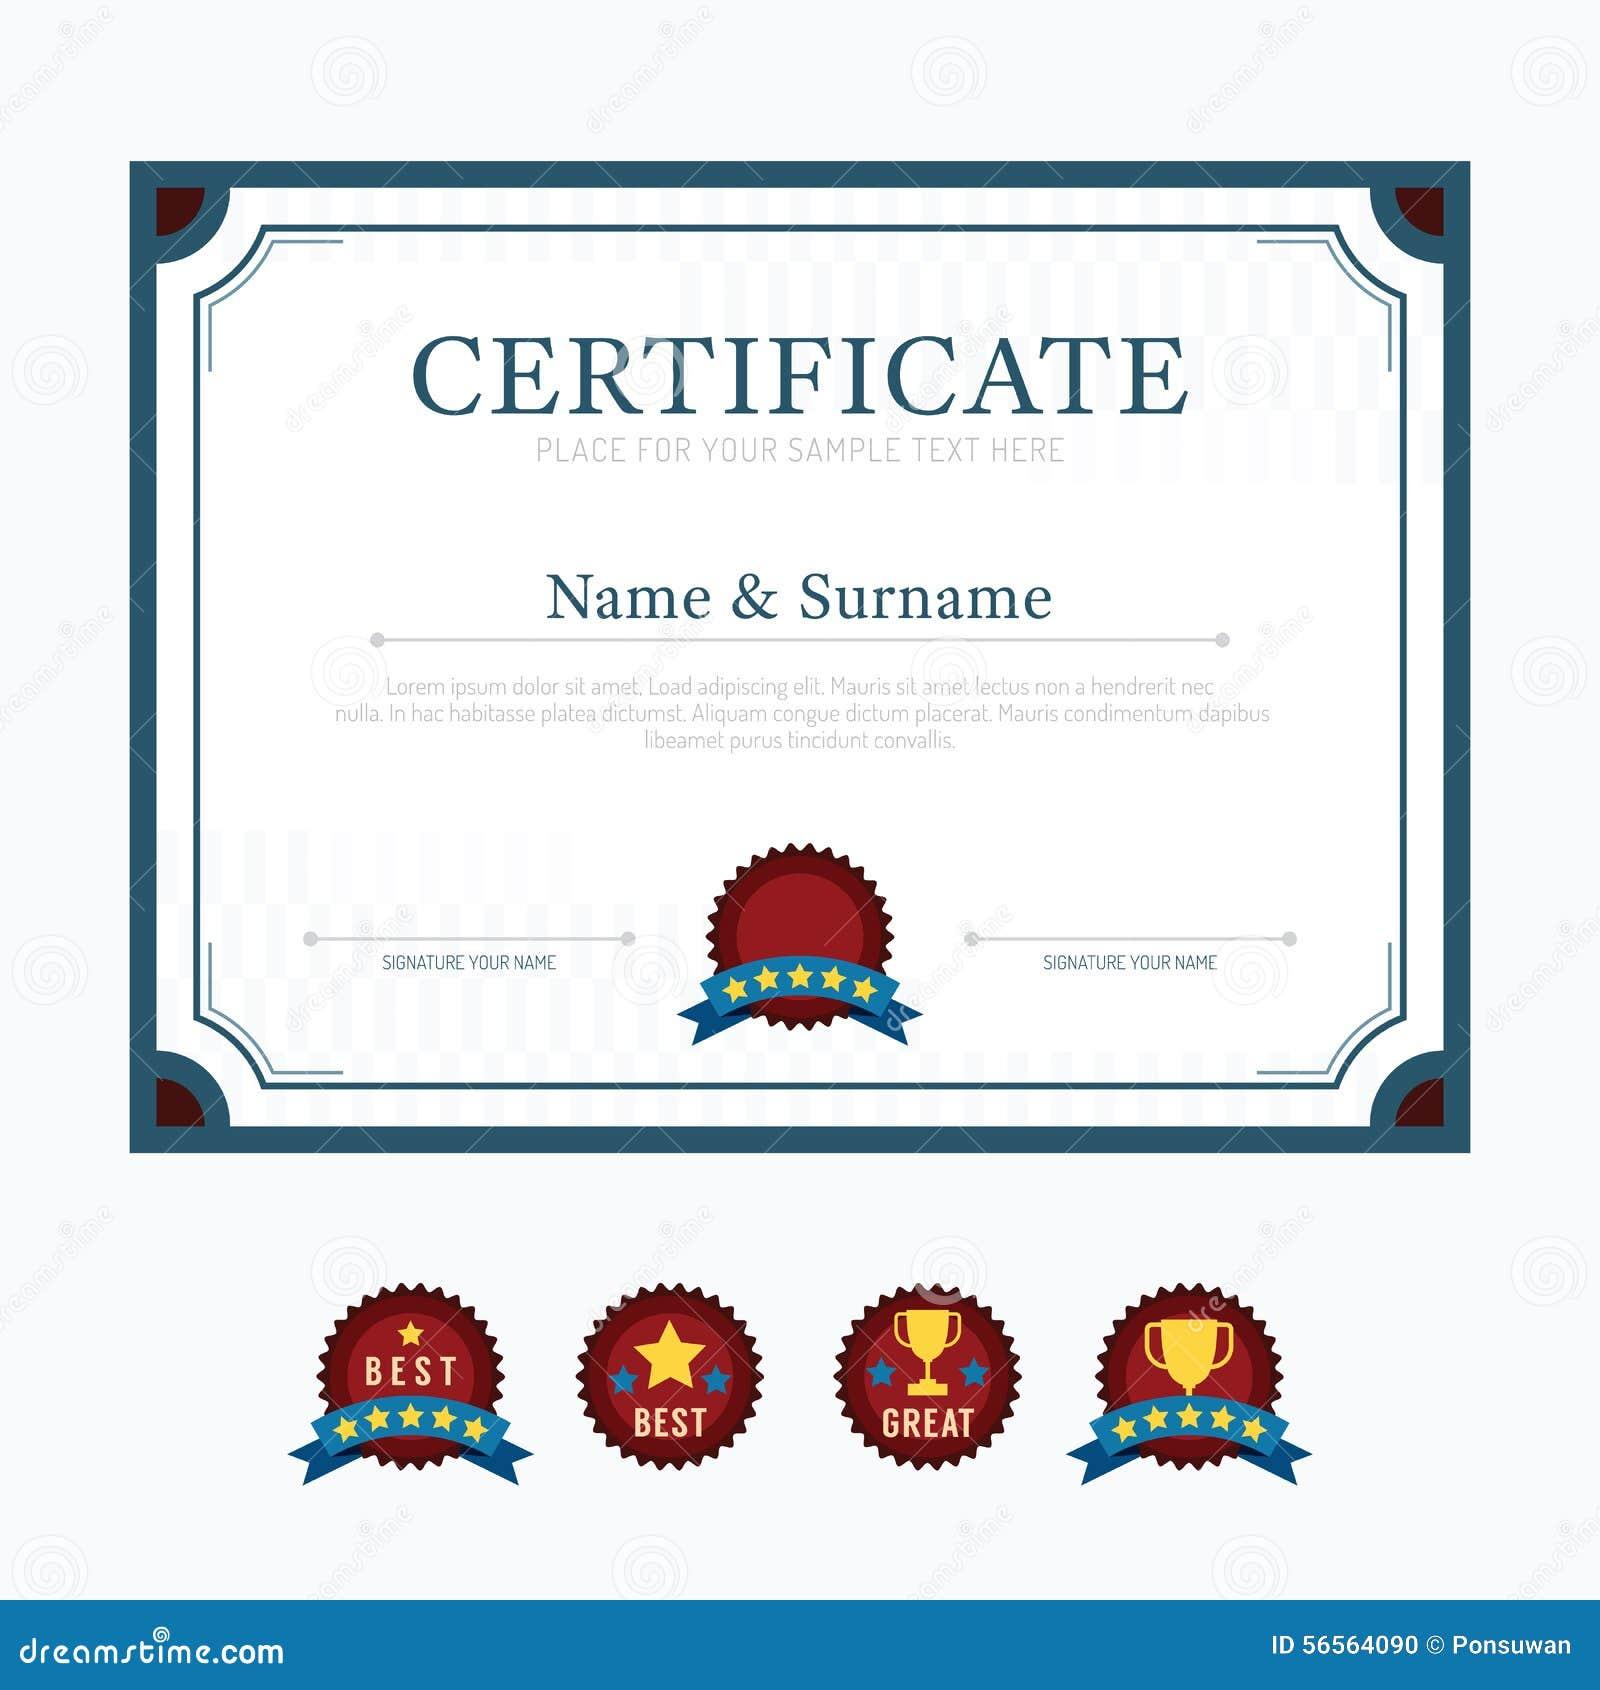 Zertifikatschablonenplanhintergrundrahmen-Designvektor betriebsart